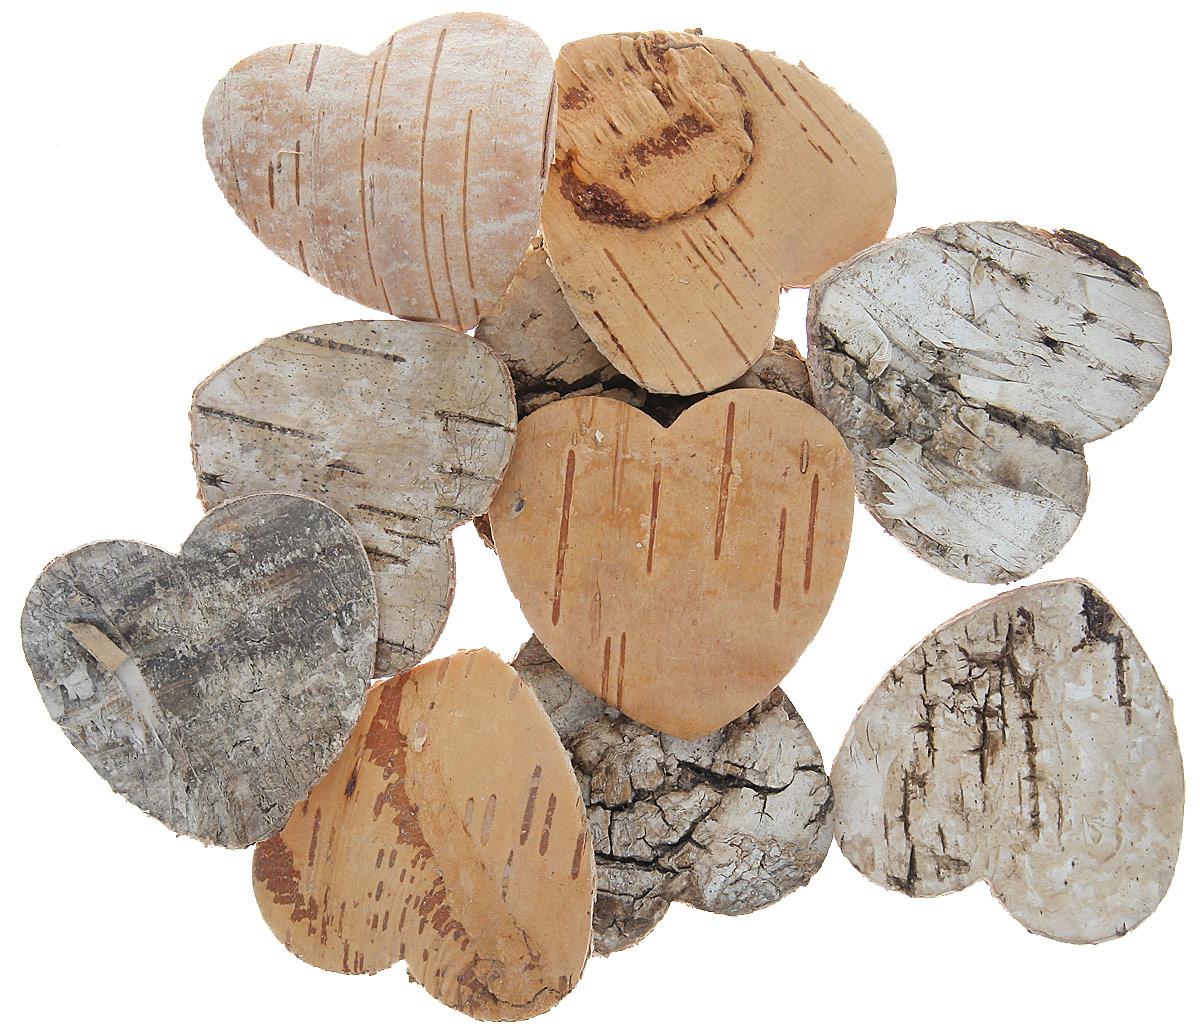 Декоративный элемент Dongjiang Art Сердце, цвет: светло-коричневый, 10 шт7709004_отбеленныйДекоративный элемент Dongjiang Art Сердце, изготовленный из натуральной коры дерева, предназначен дляукрашения цветочных композиций. Изделие можно также использовать в технике скрапбукинг и многом другом.Флористика - вид декоративно-прикладного искусства, который использует живые, засушенные иликонсервированные природные материалы для создания флористических работ. Это целый мир, в котором естьместо и строгому математическому расчету, и вдохновению. Размер одного элемента: 5 см х 5 см.